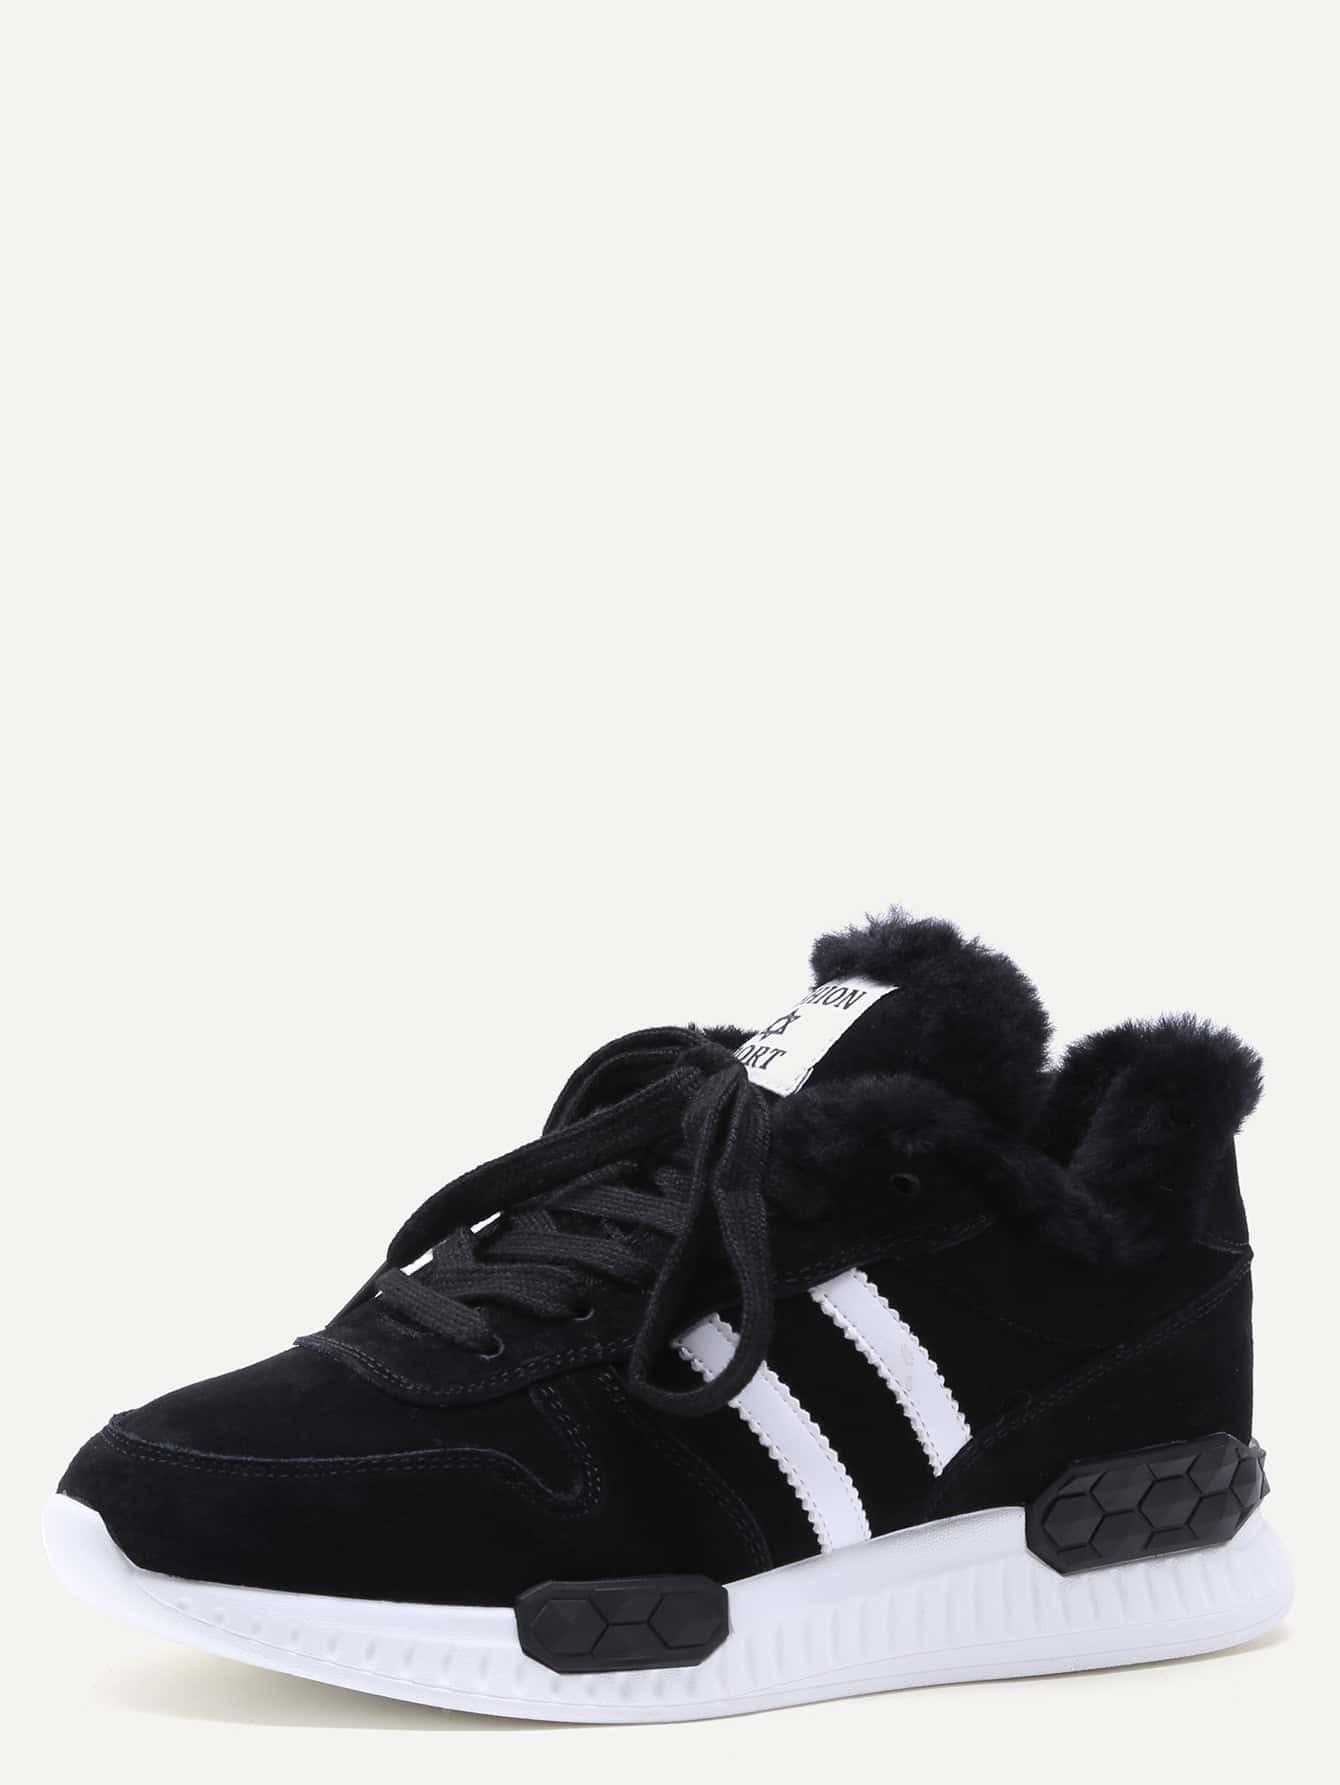 shoes161212805_2